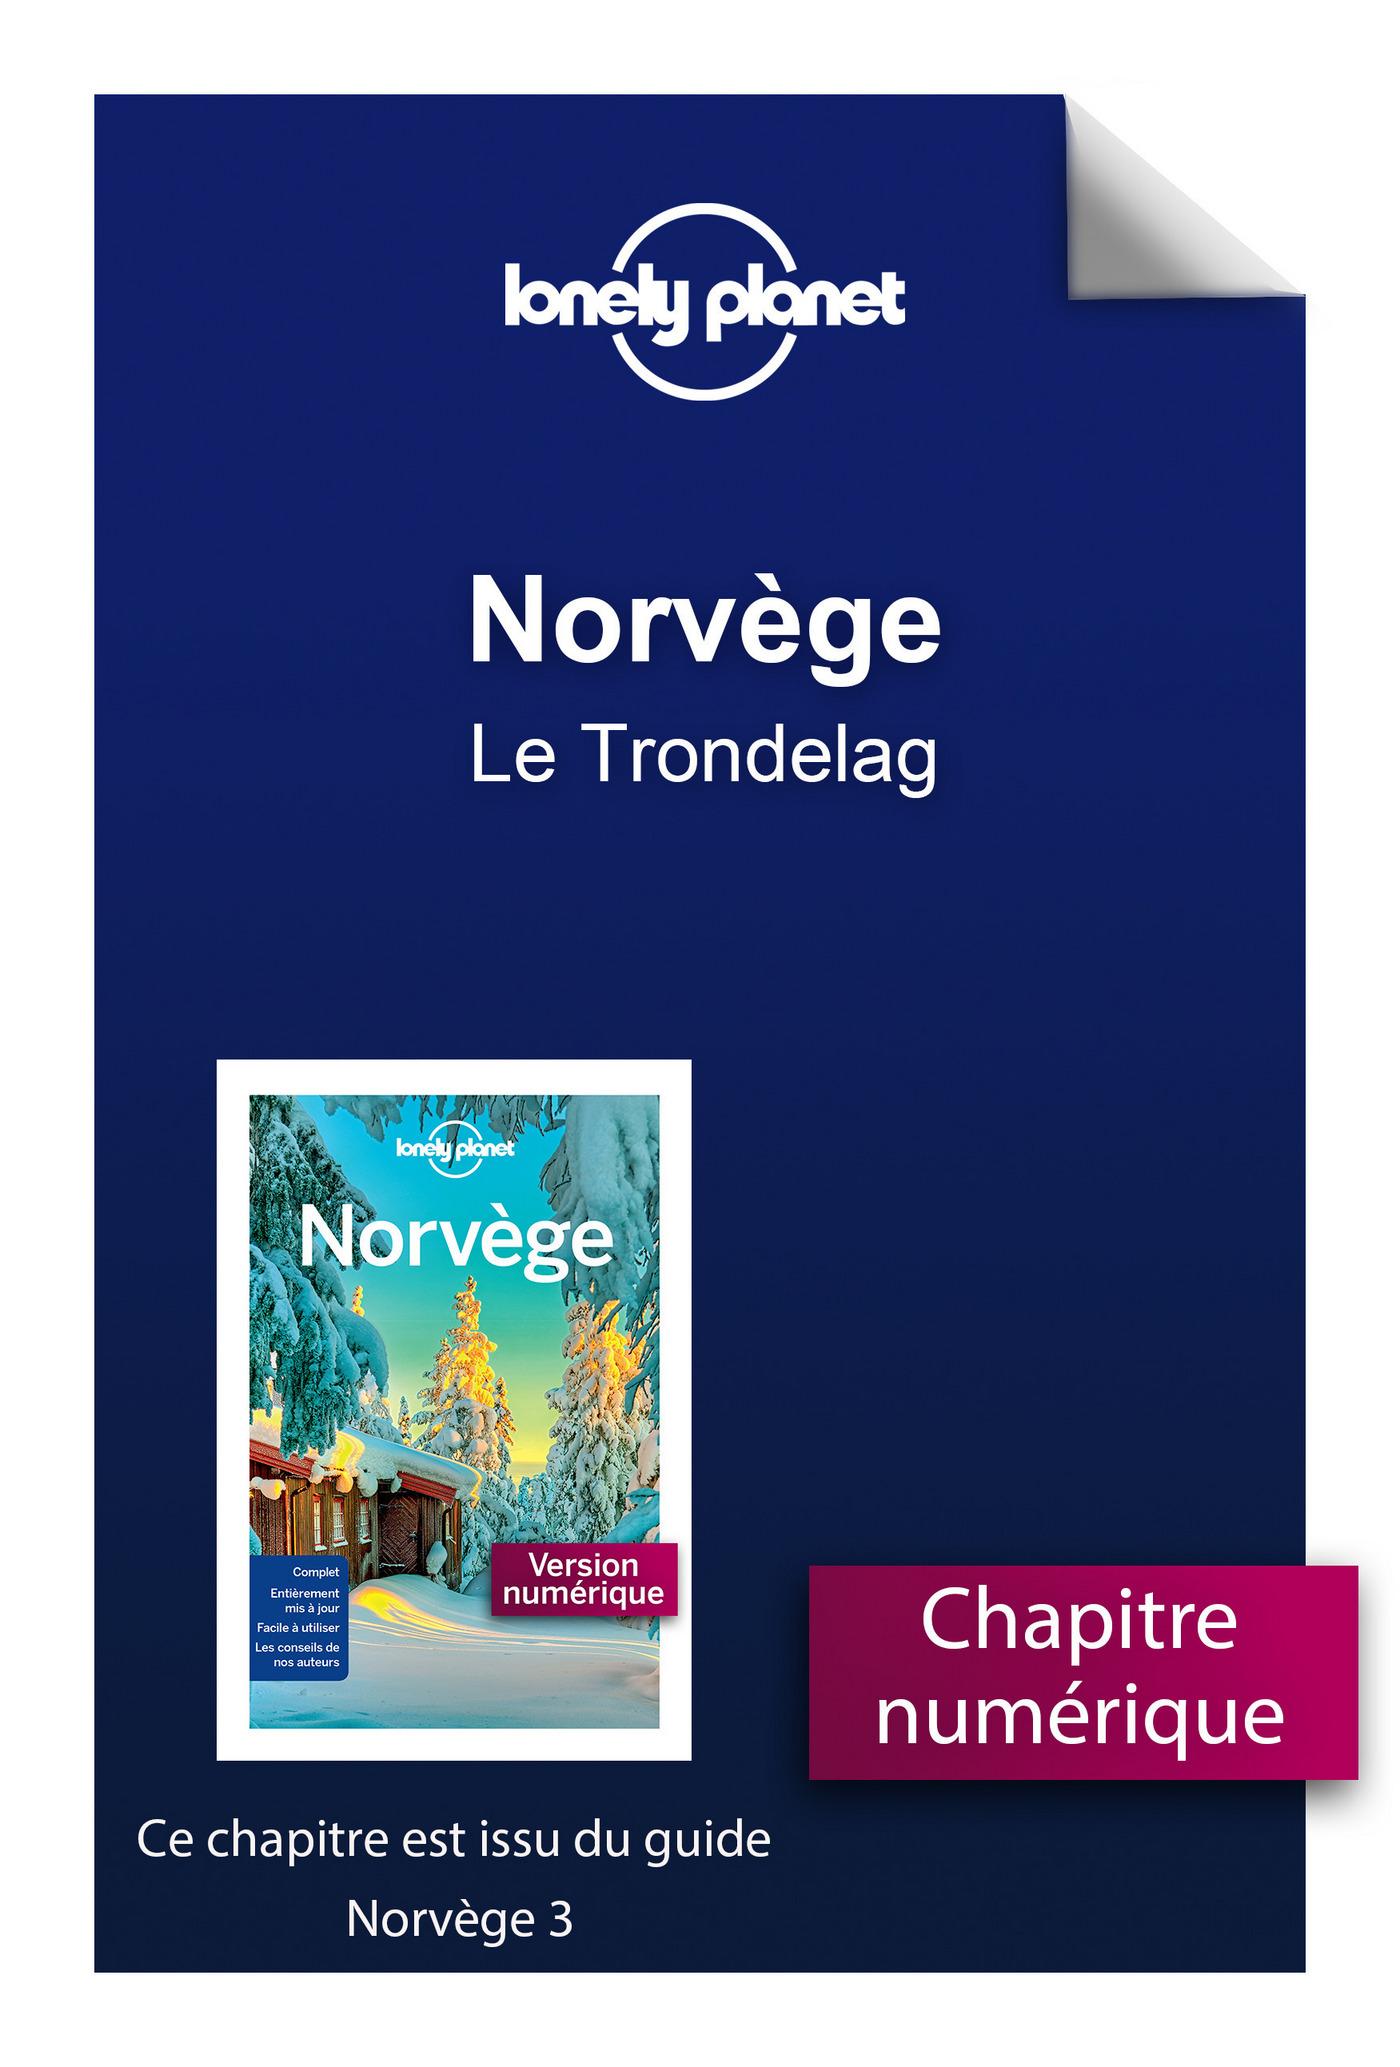 Norvège 3 - Le Trondelag